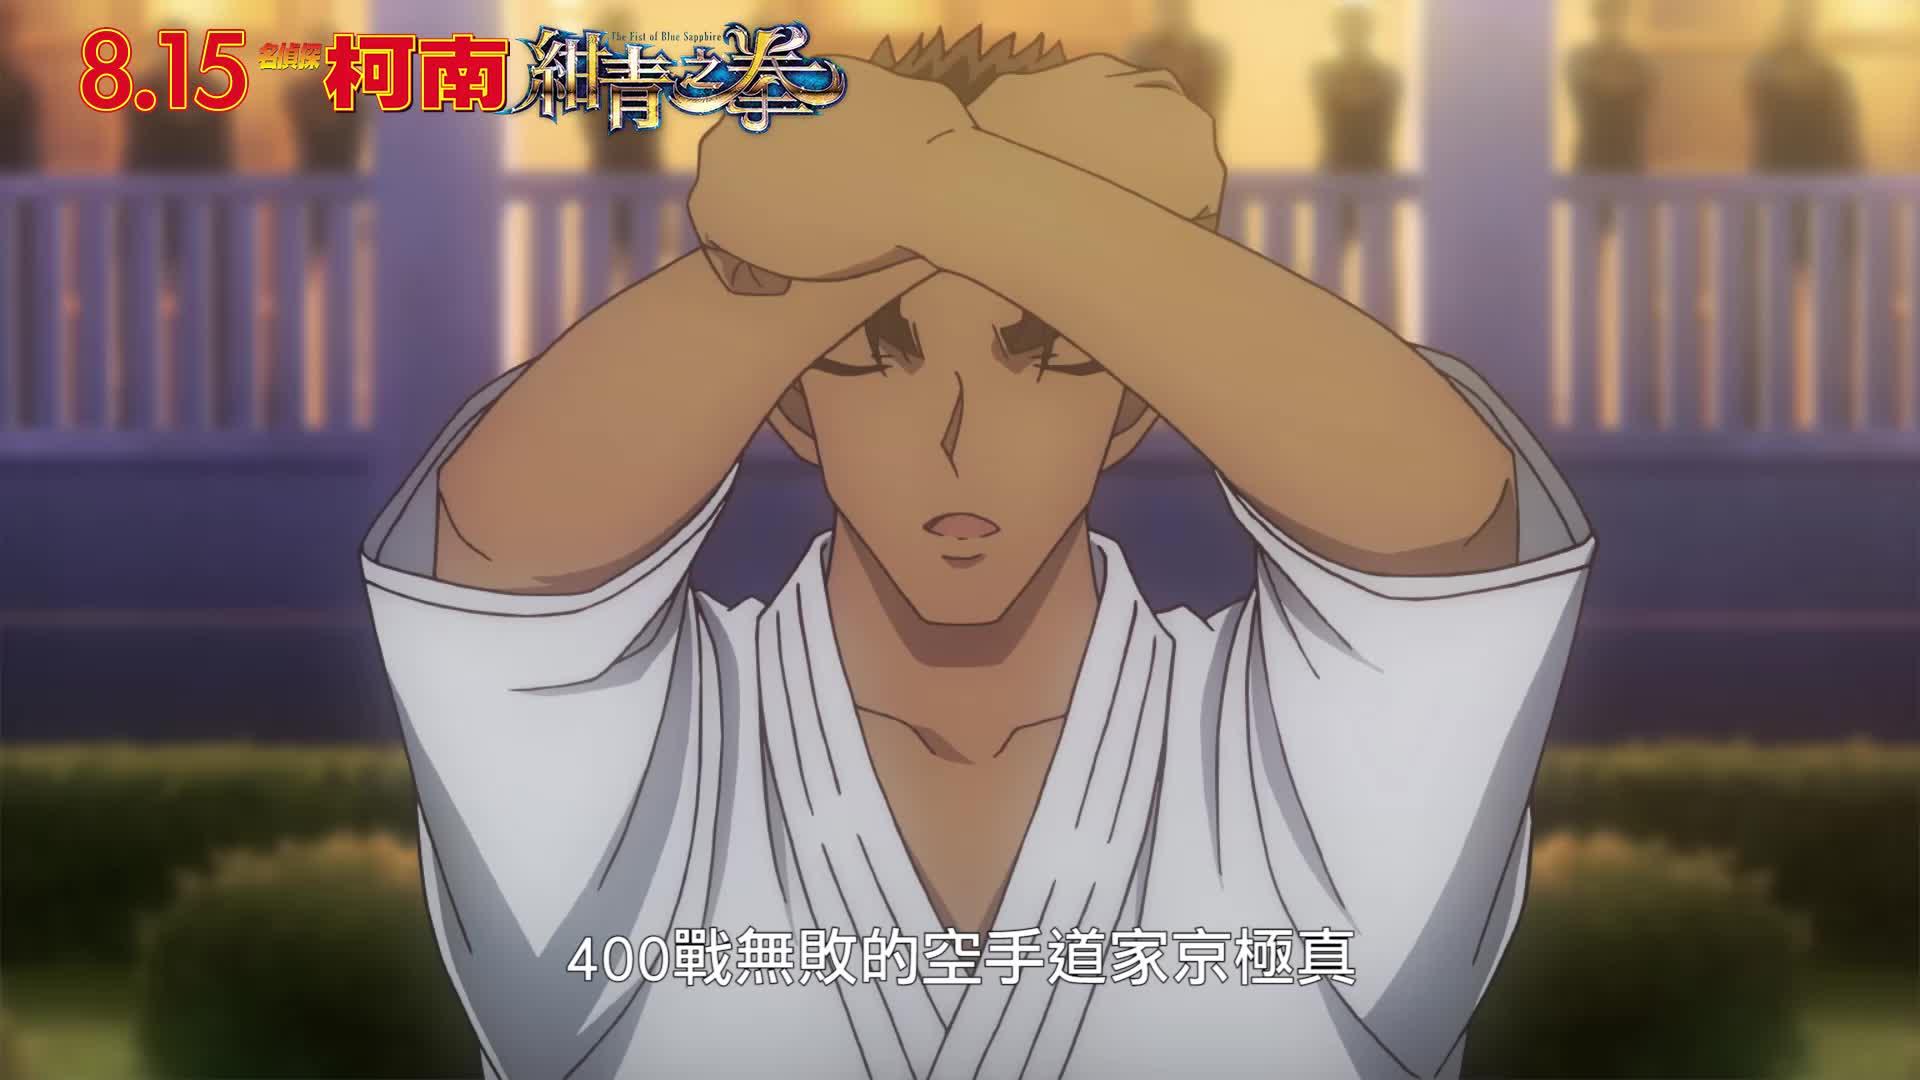 《名偵探柯南:紺青之拳》電影預告